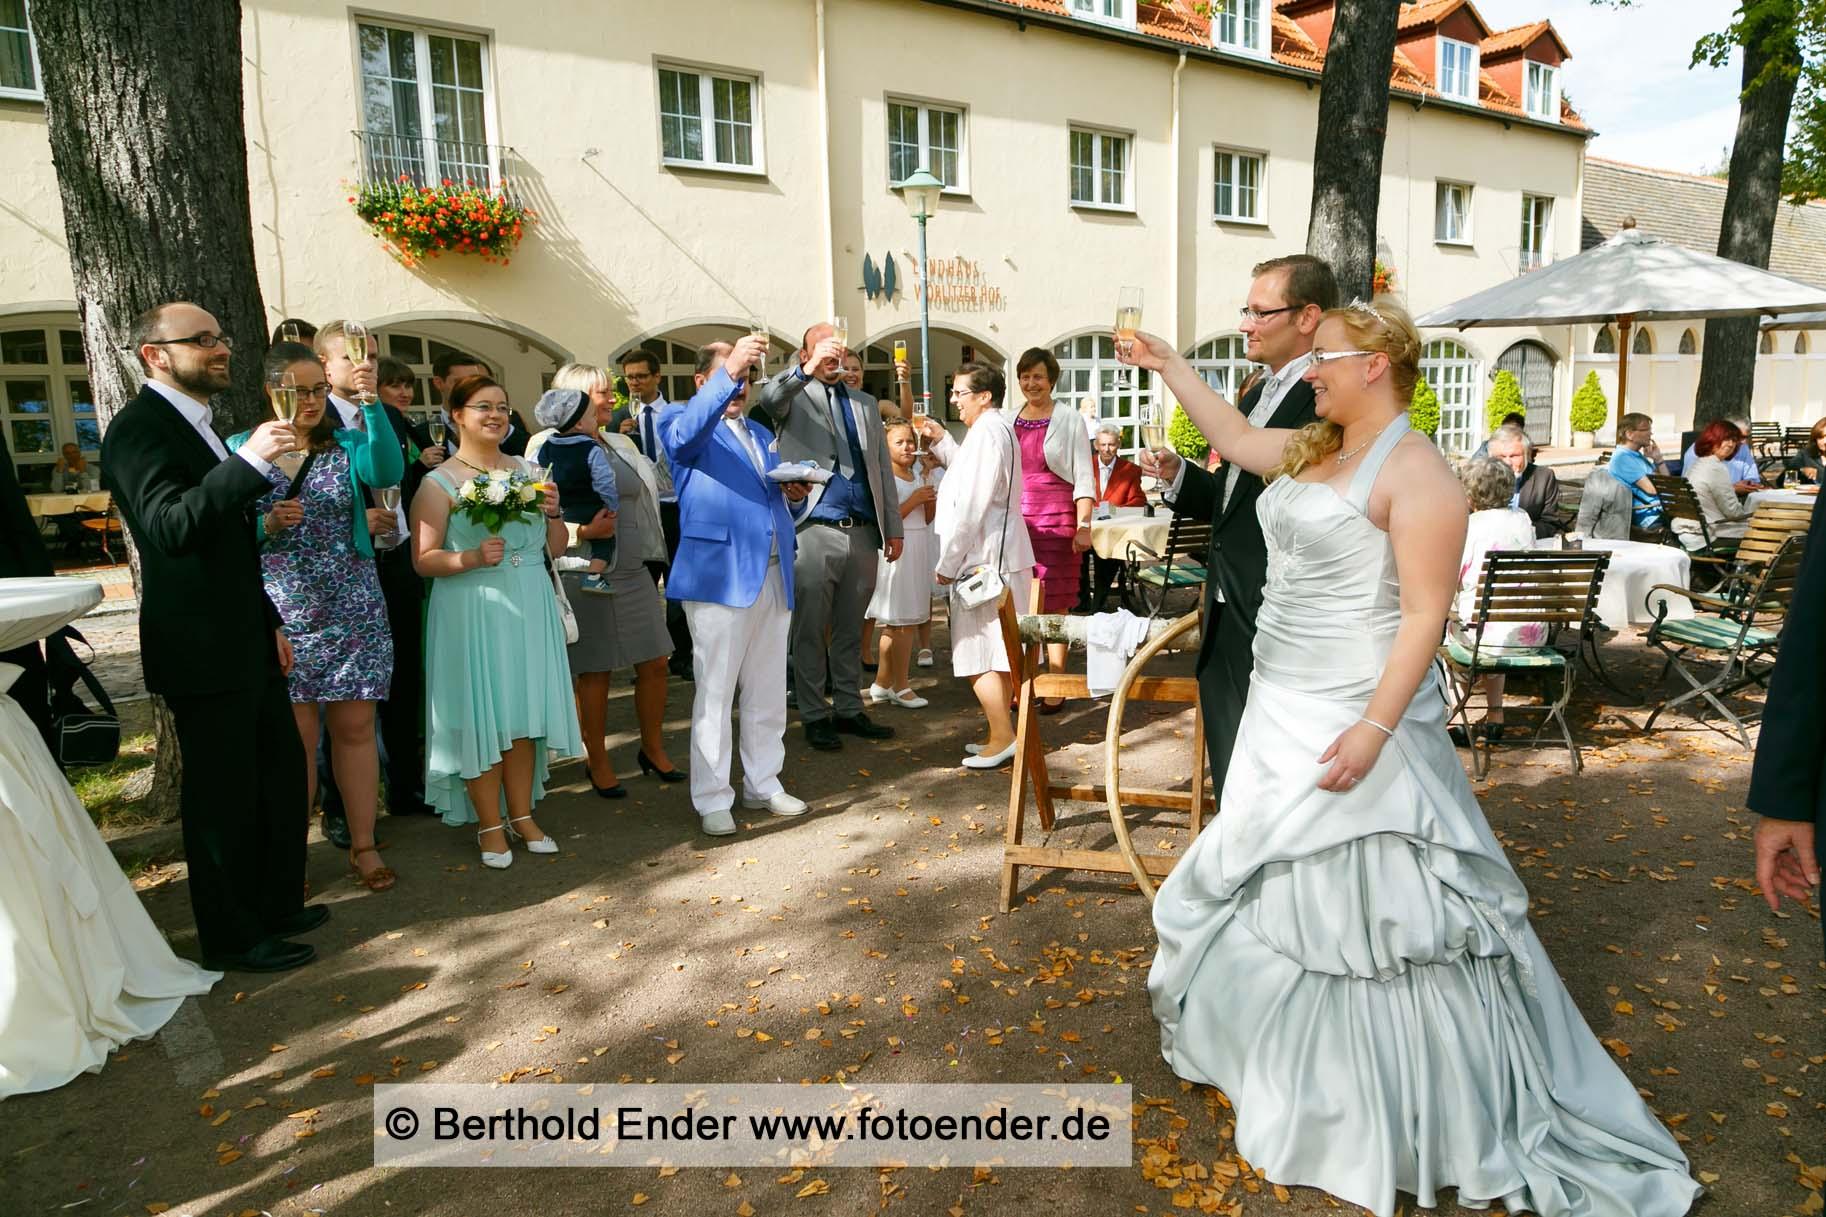 Sektempfang nach dem Standesamt in Wörlitz